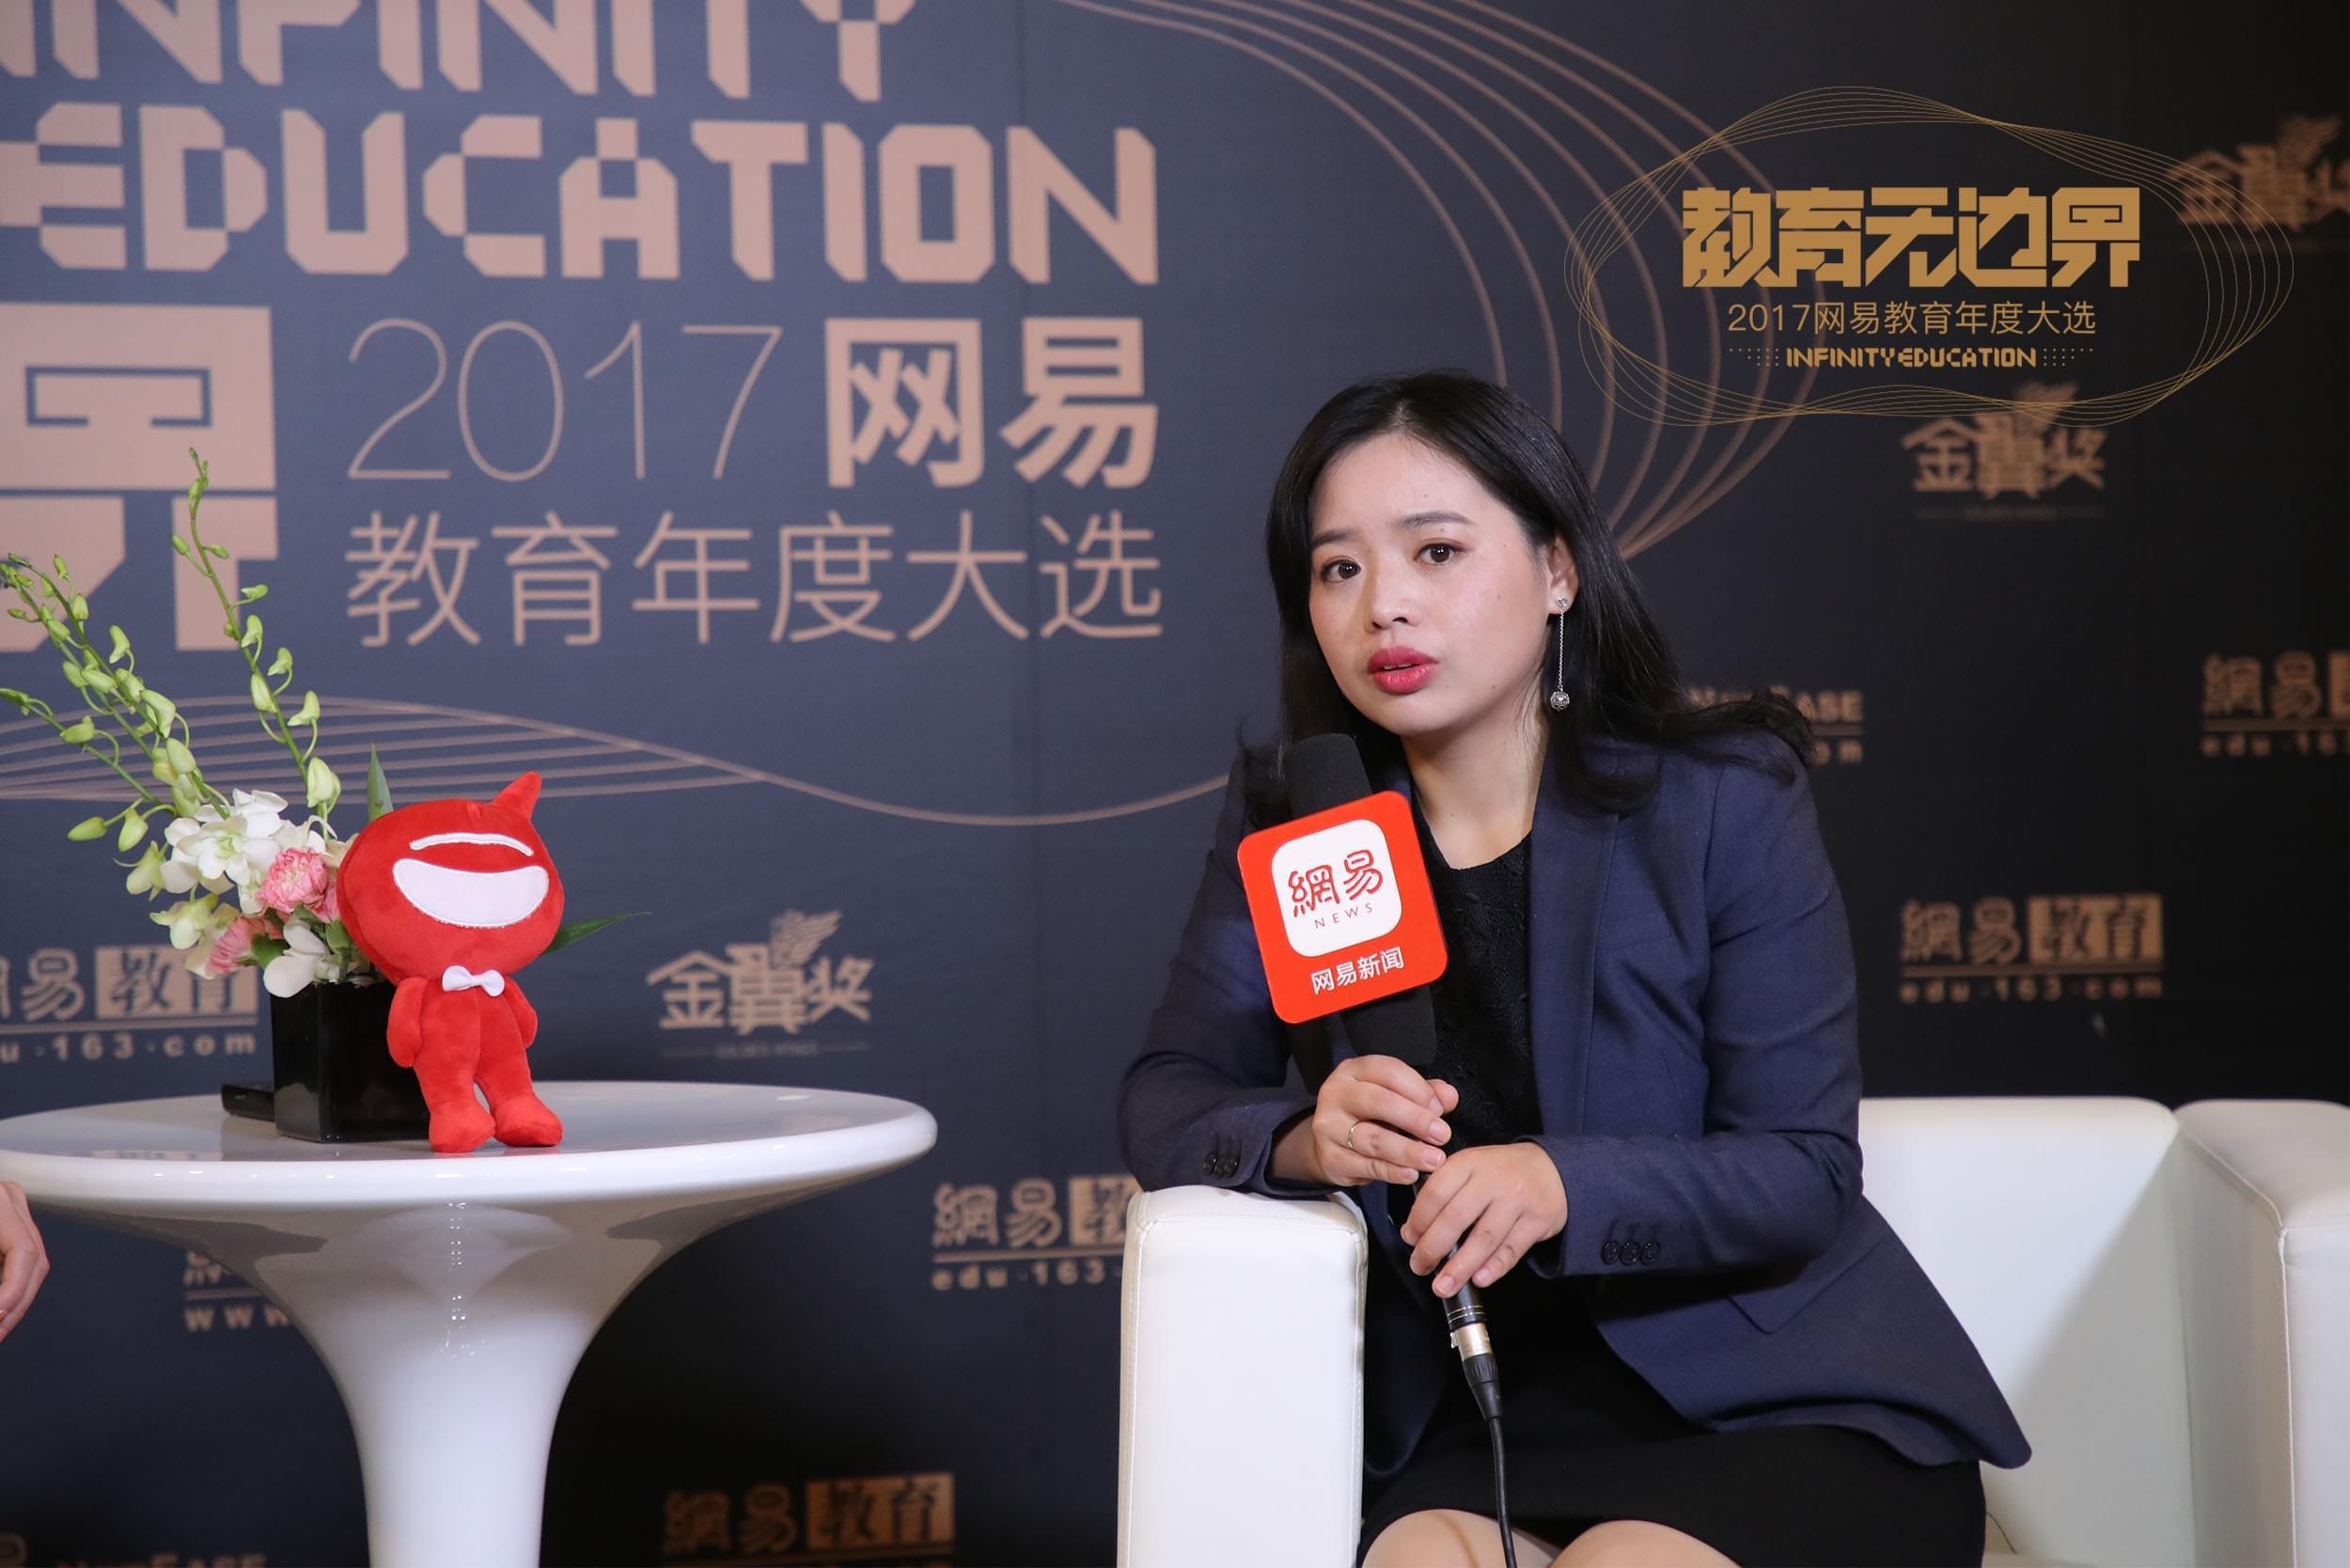 凯银出国创始人王锋:开创留学文化